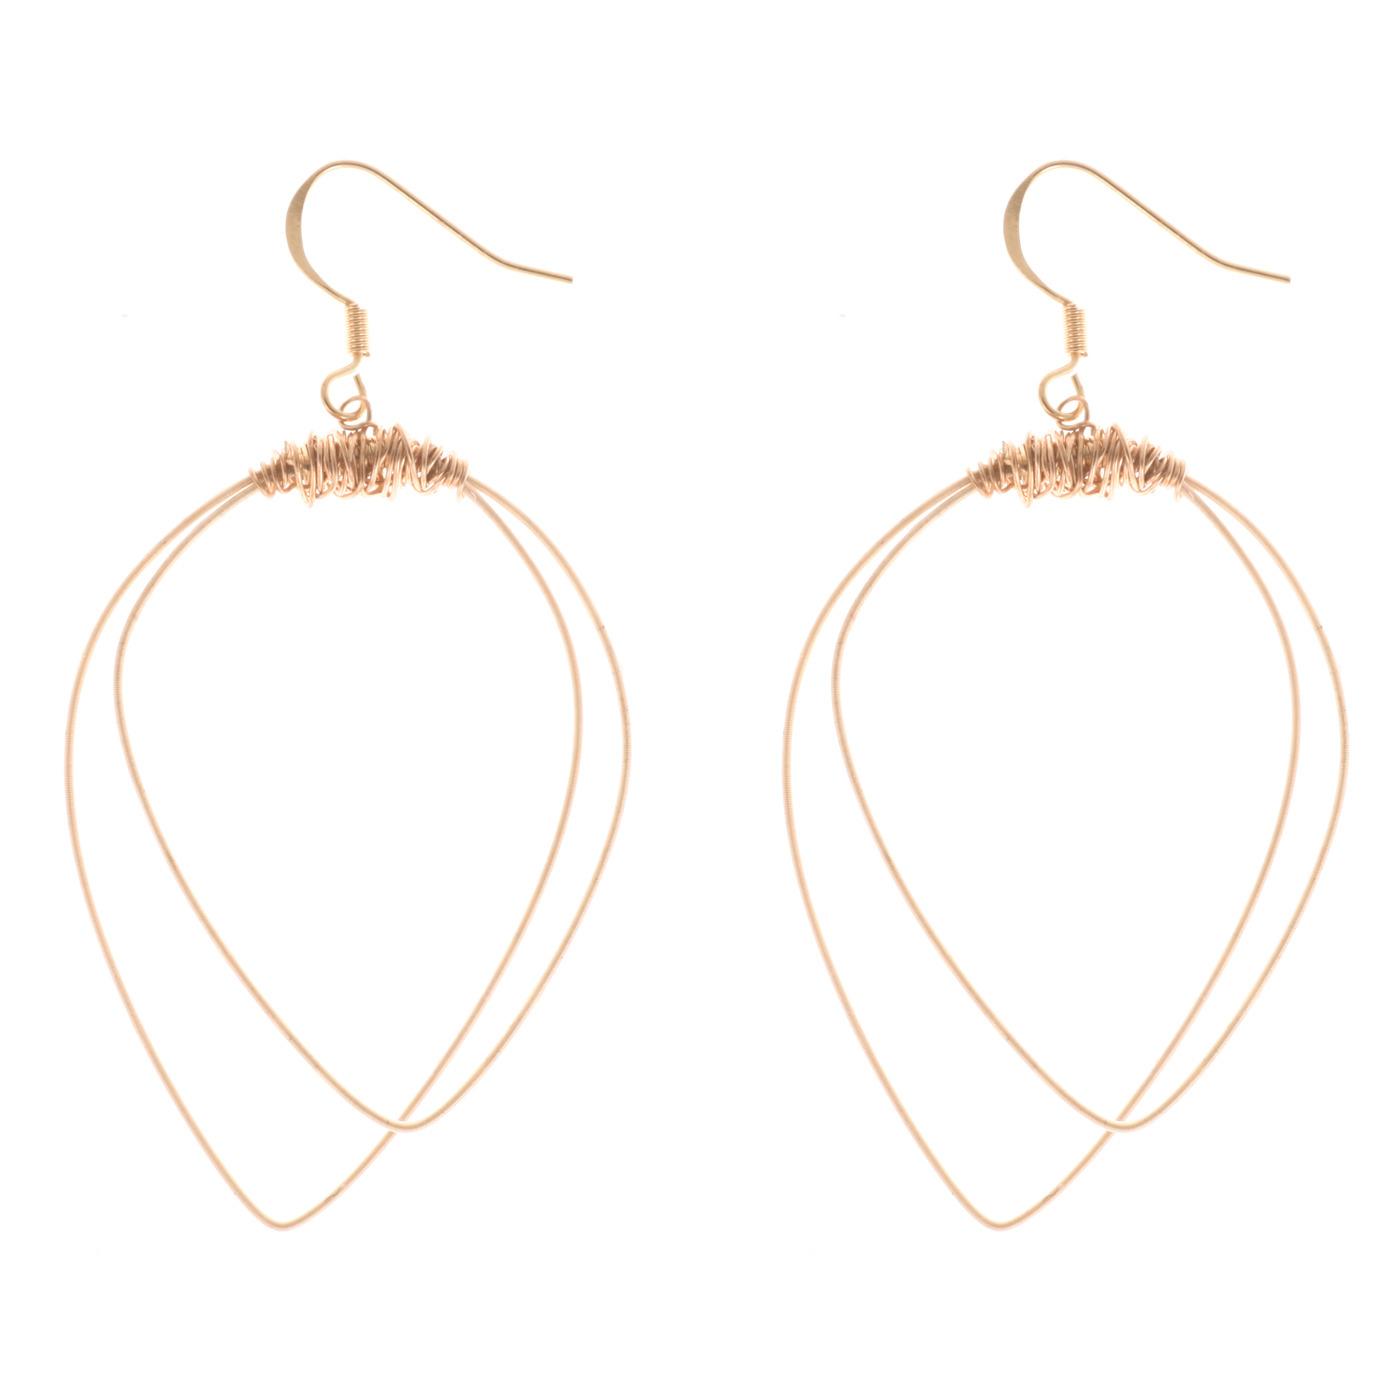 Artisan, Eco-Friendly, Designer Duet Earrings